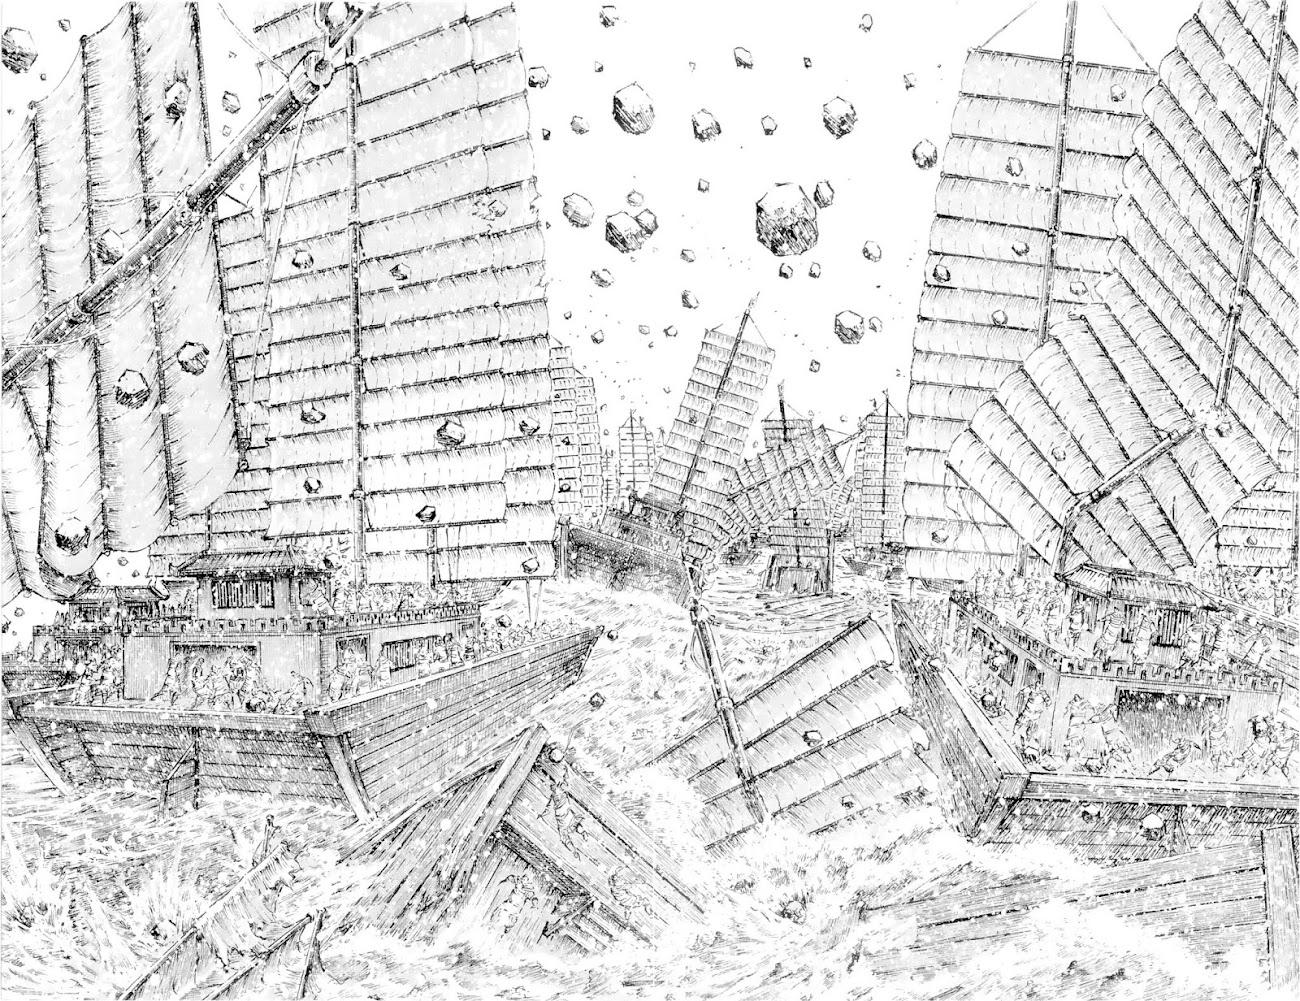 Hỏa phụng liêu nguyên Chương 416: Tôn quân lên bờ [Remake] trang 10